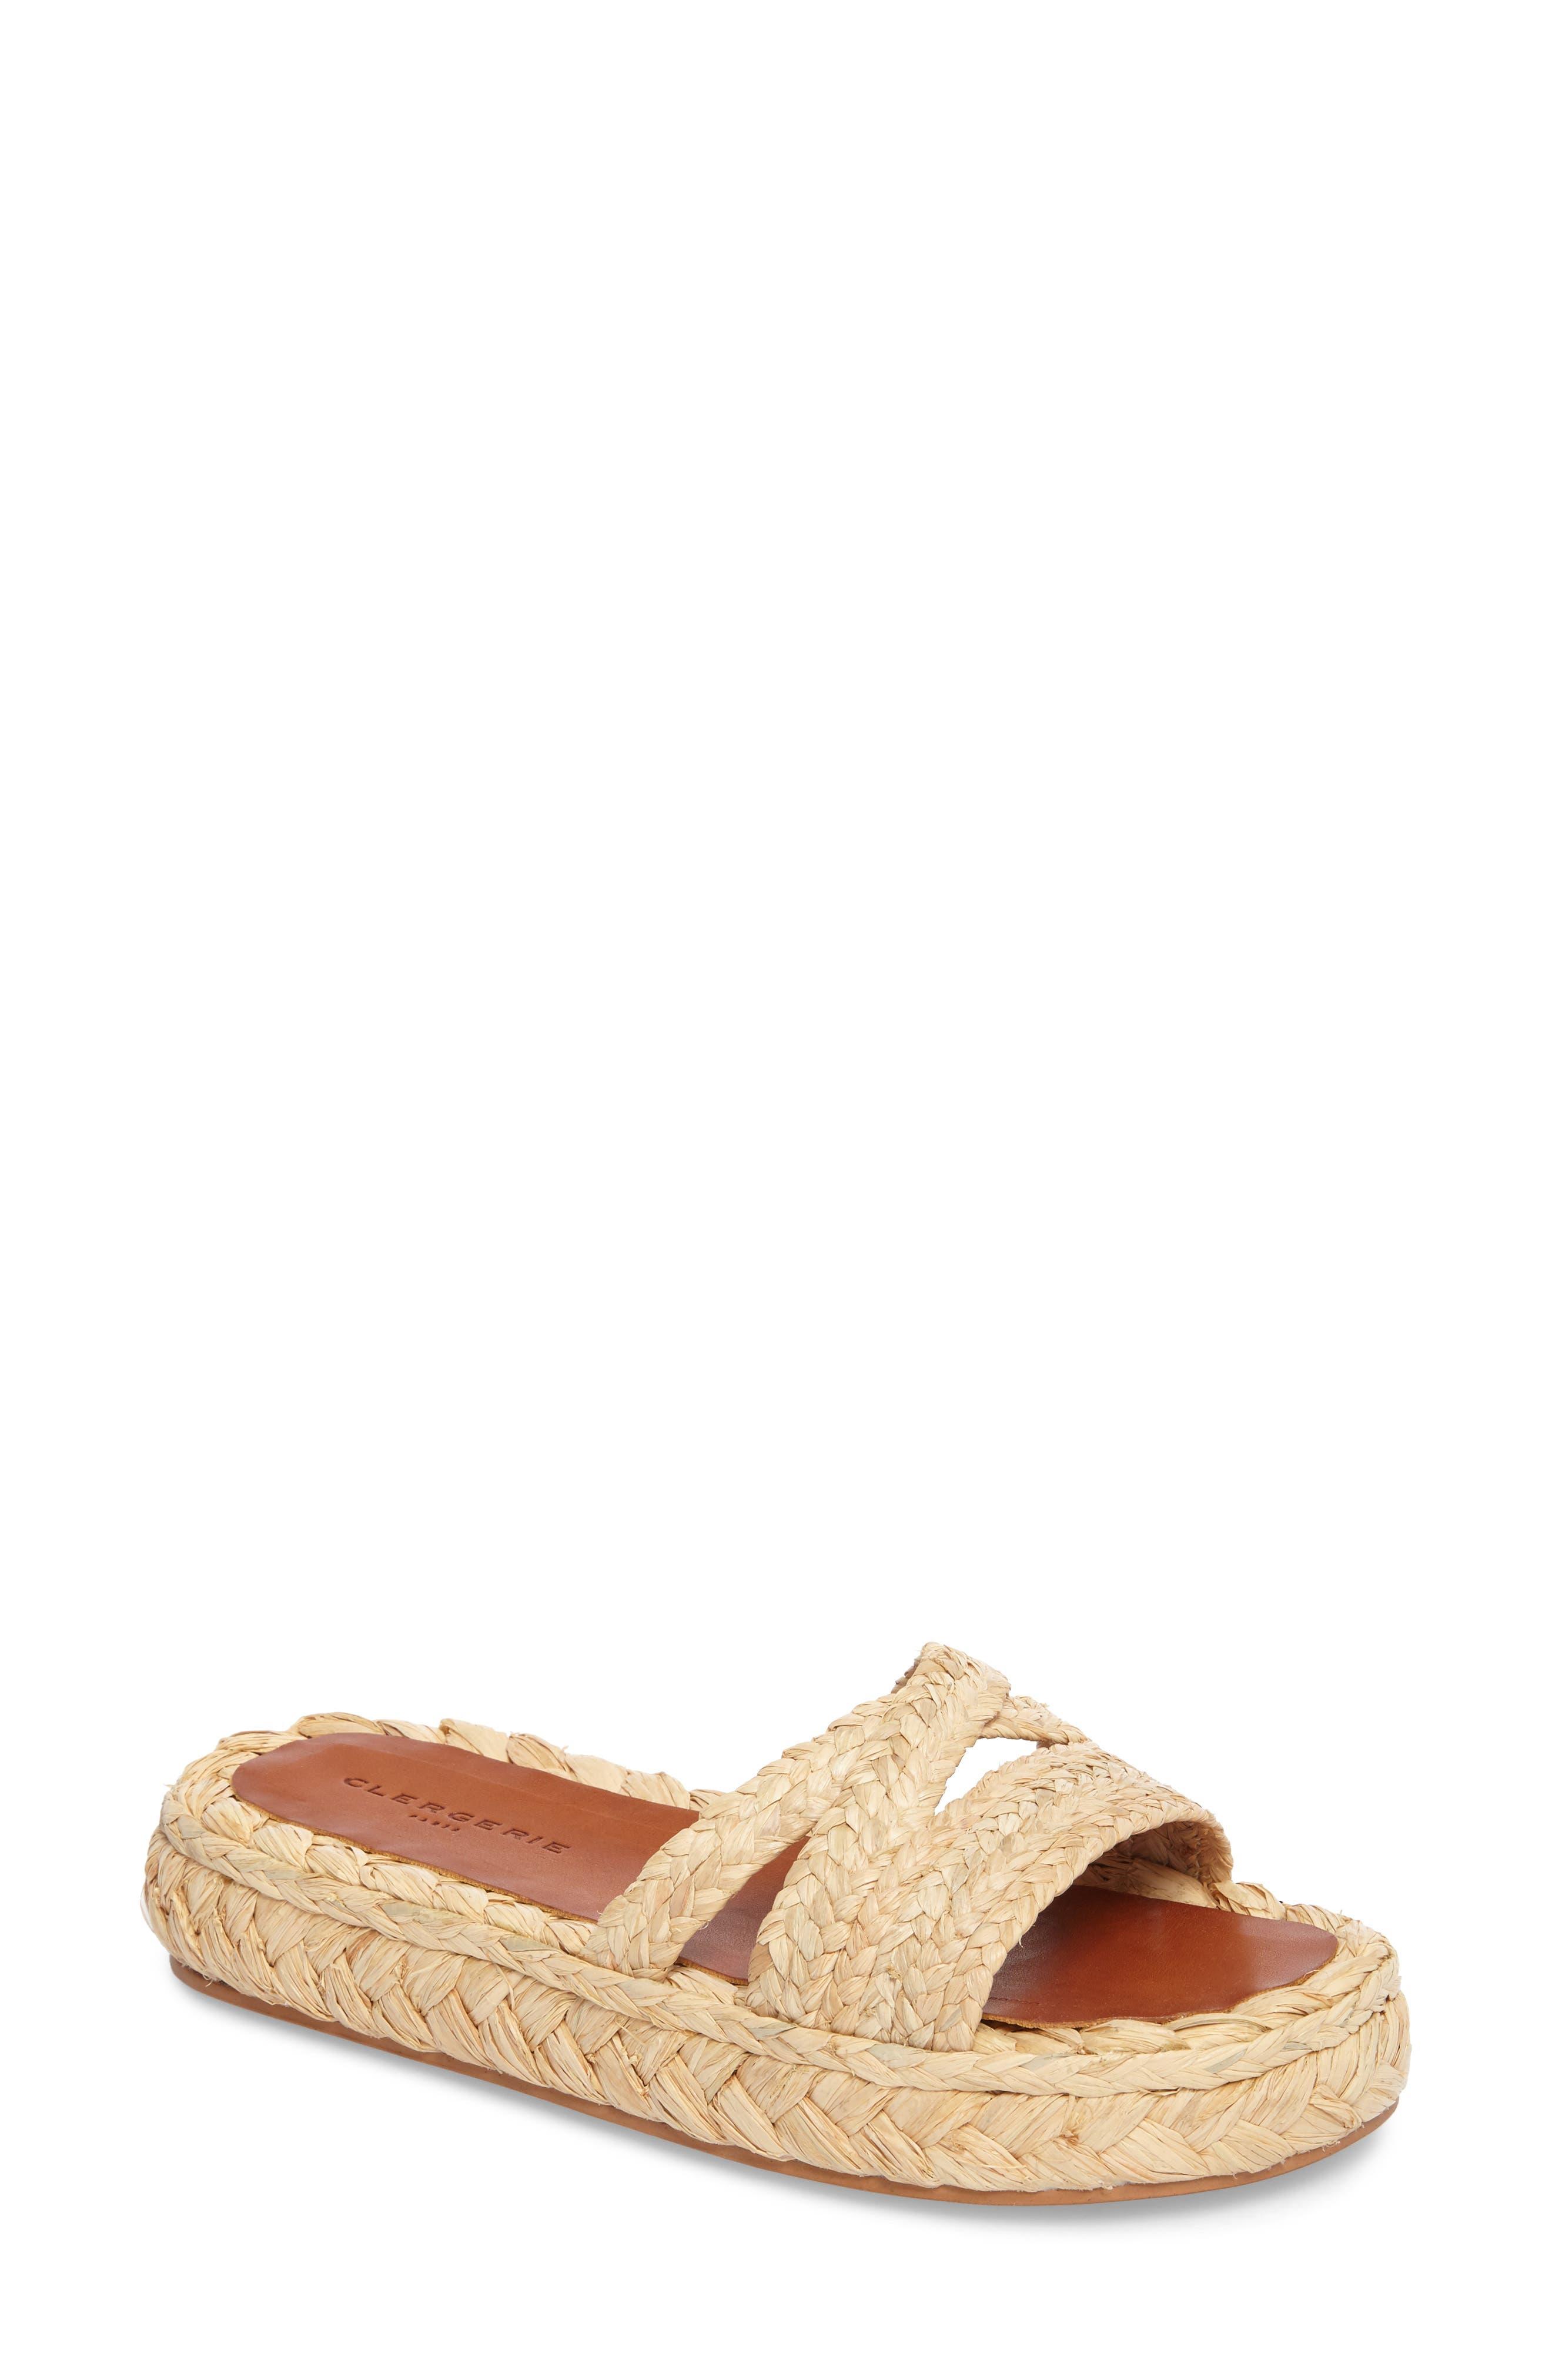 Idalie Woven Slide Sandal,                             Main thumbnail 1, color,                             250